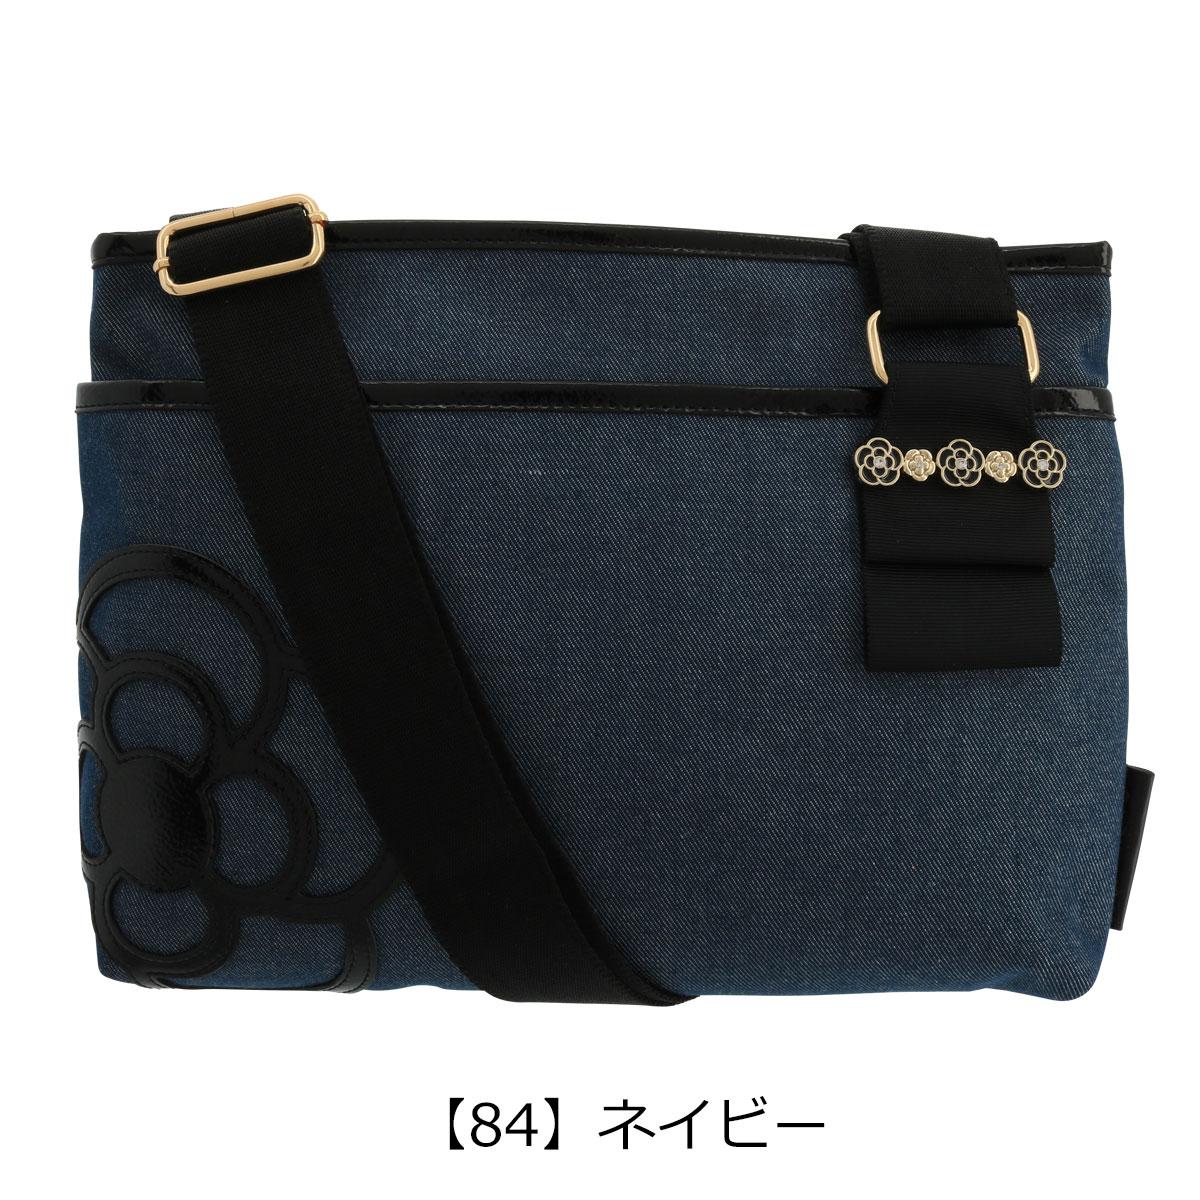 【84】ネイビー